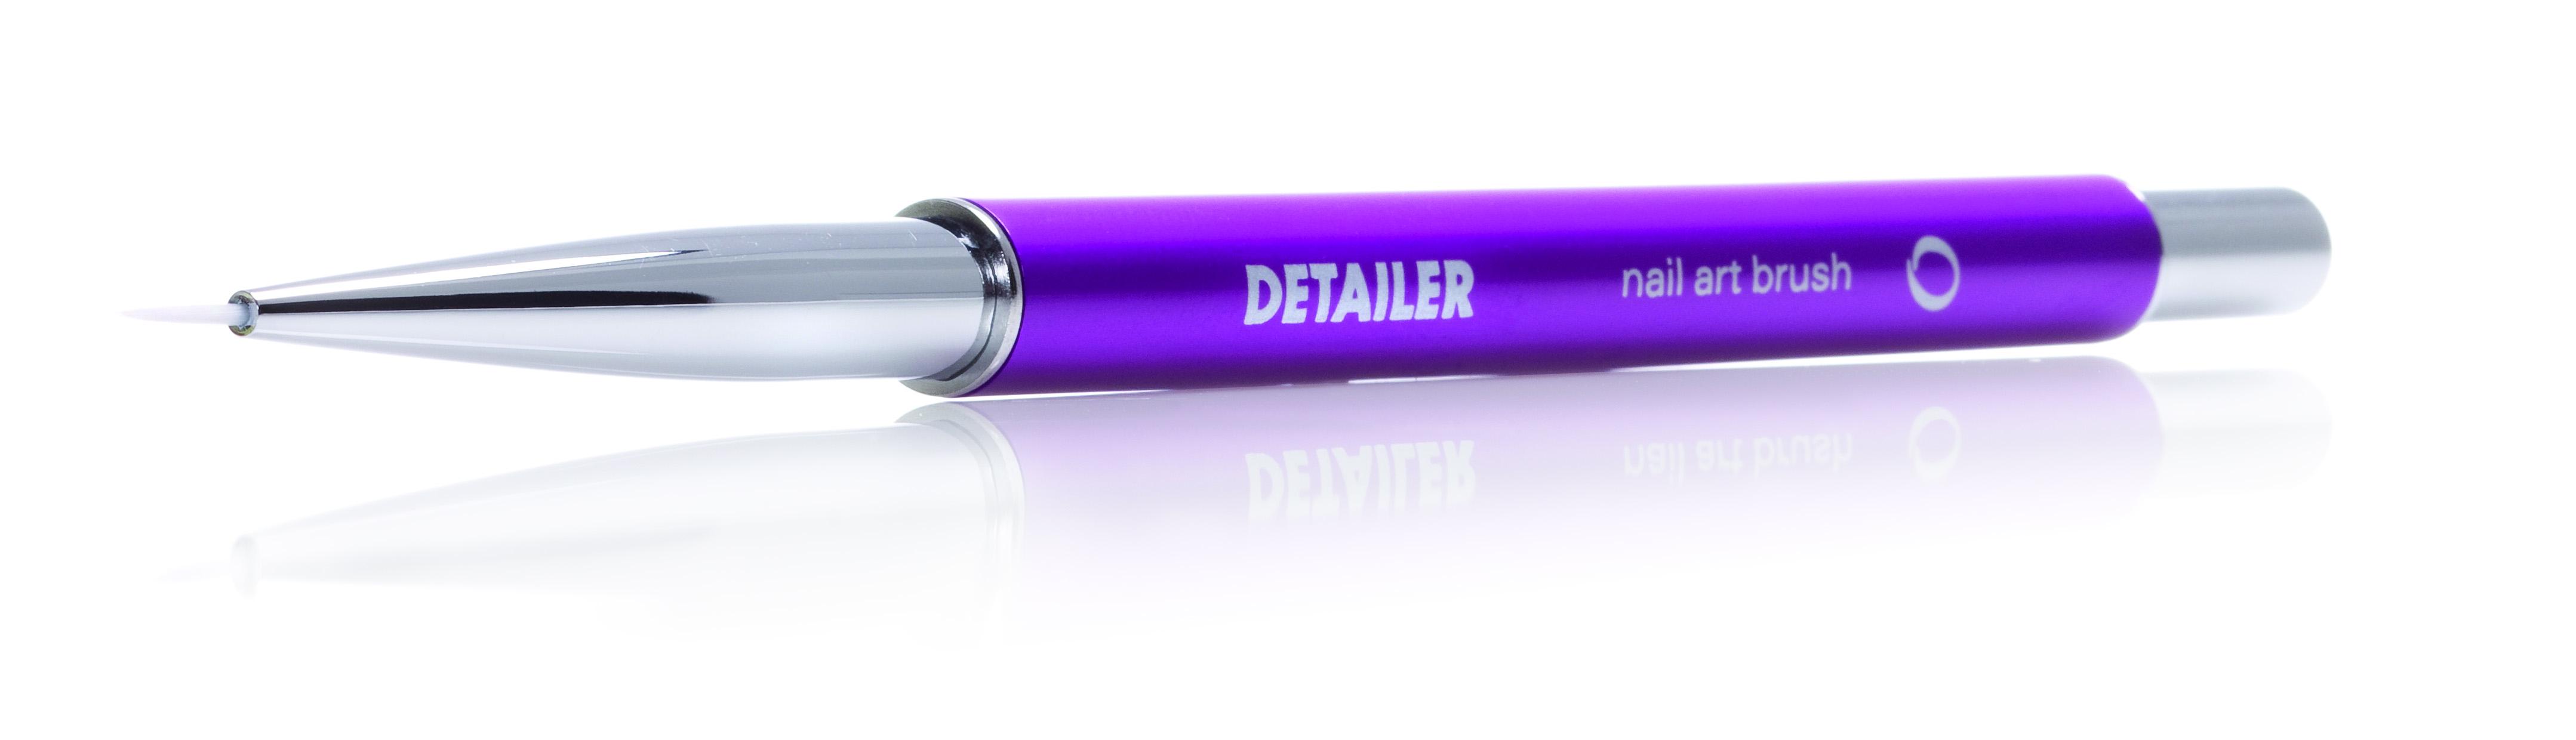 ORLY Кисть для дизайна Brush Nail Artist DetailerКисти<br>Инструмент для прорисовки мелких деталей и смешивания красок, что поможет мастерам маникюра совершенствовать свои художественные навыки. Инструмент имеет удобную алюминиевую ручку, сверху покрытую пластиком, и ультратонкую короткую кисточку, выполненную из нейлона.<br><br>Класс косметики: Универсальная